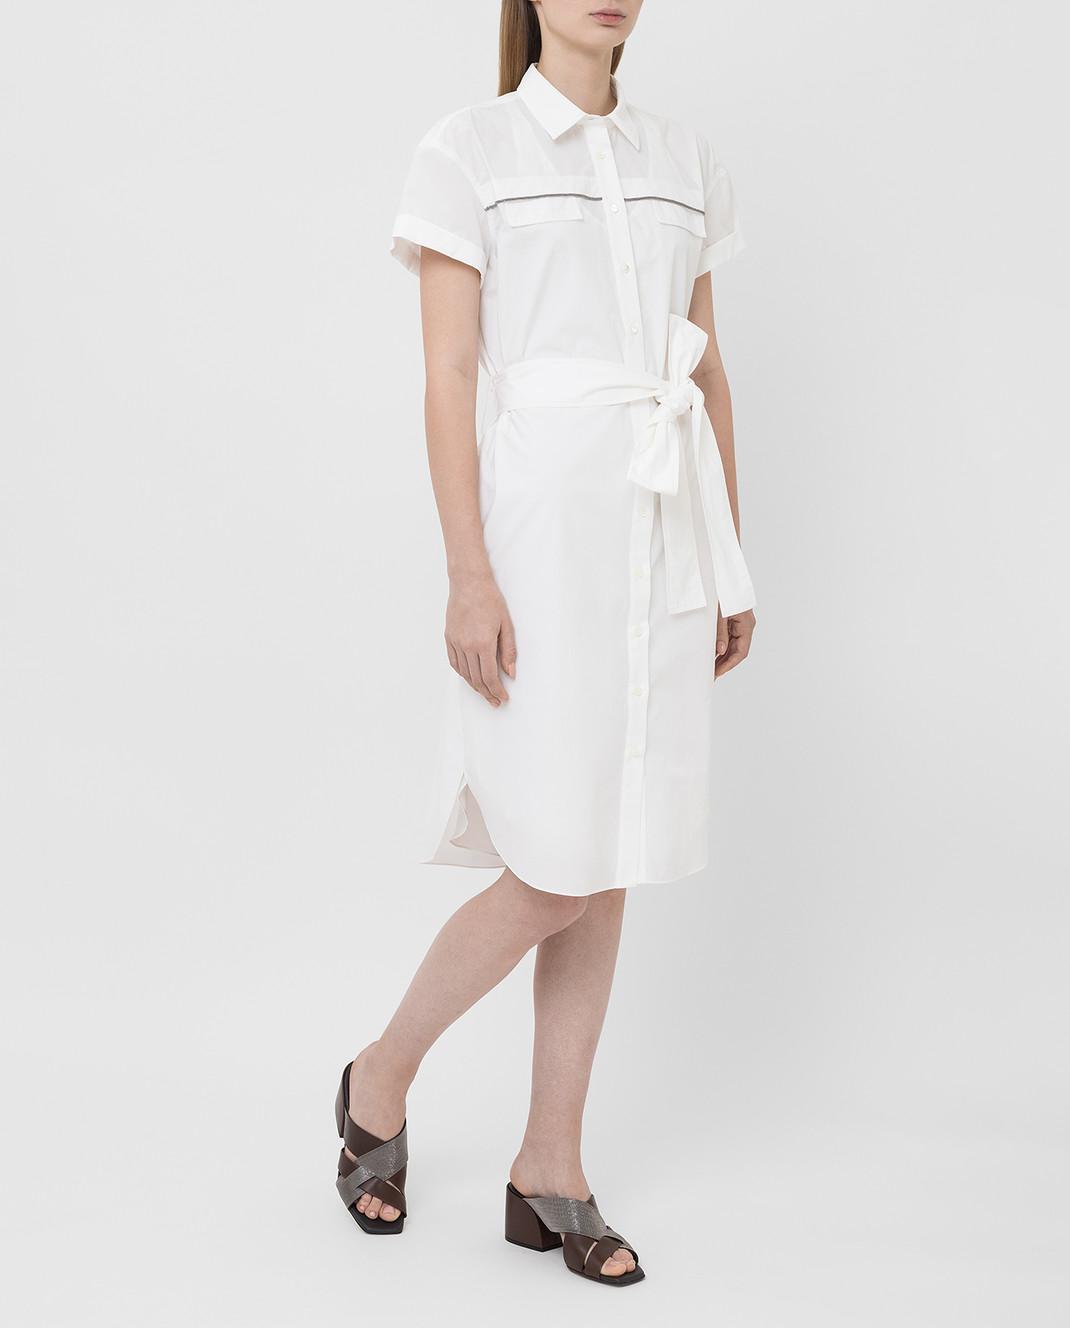 Brunello Cucinelli Белое платье MH127AFM52 изображение 2